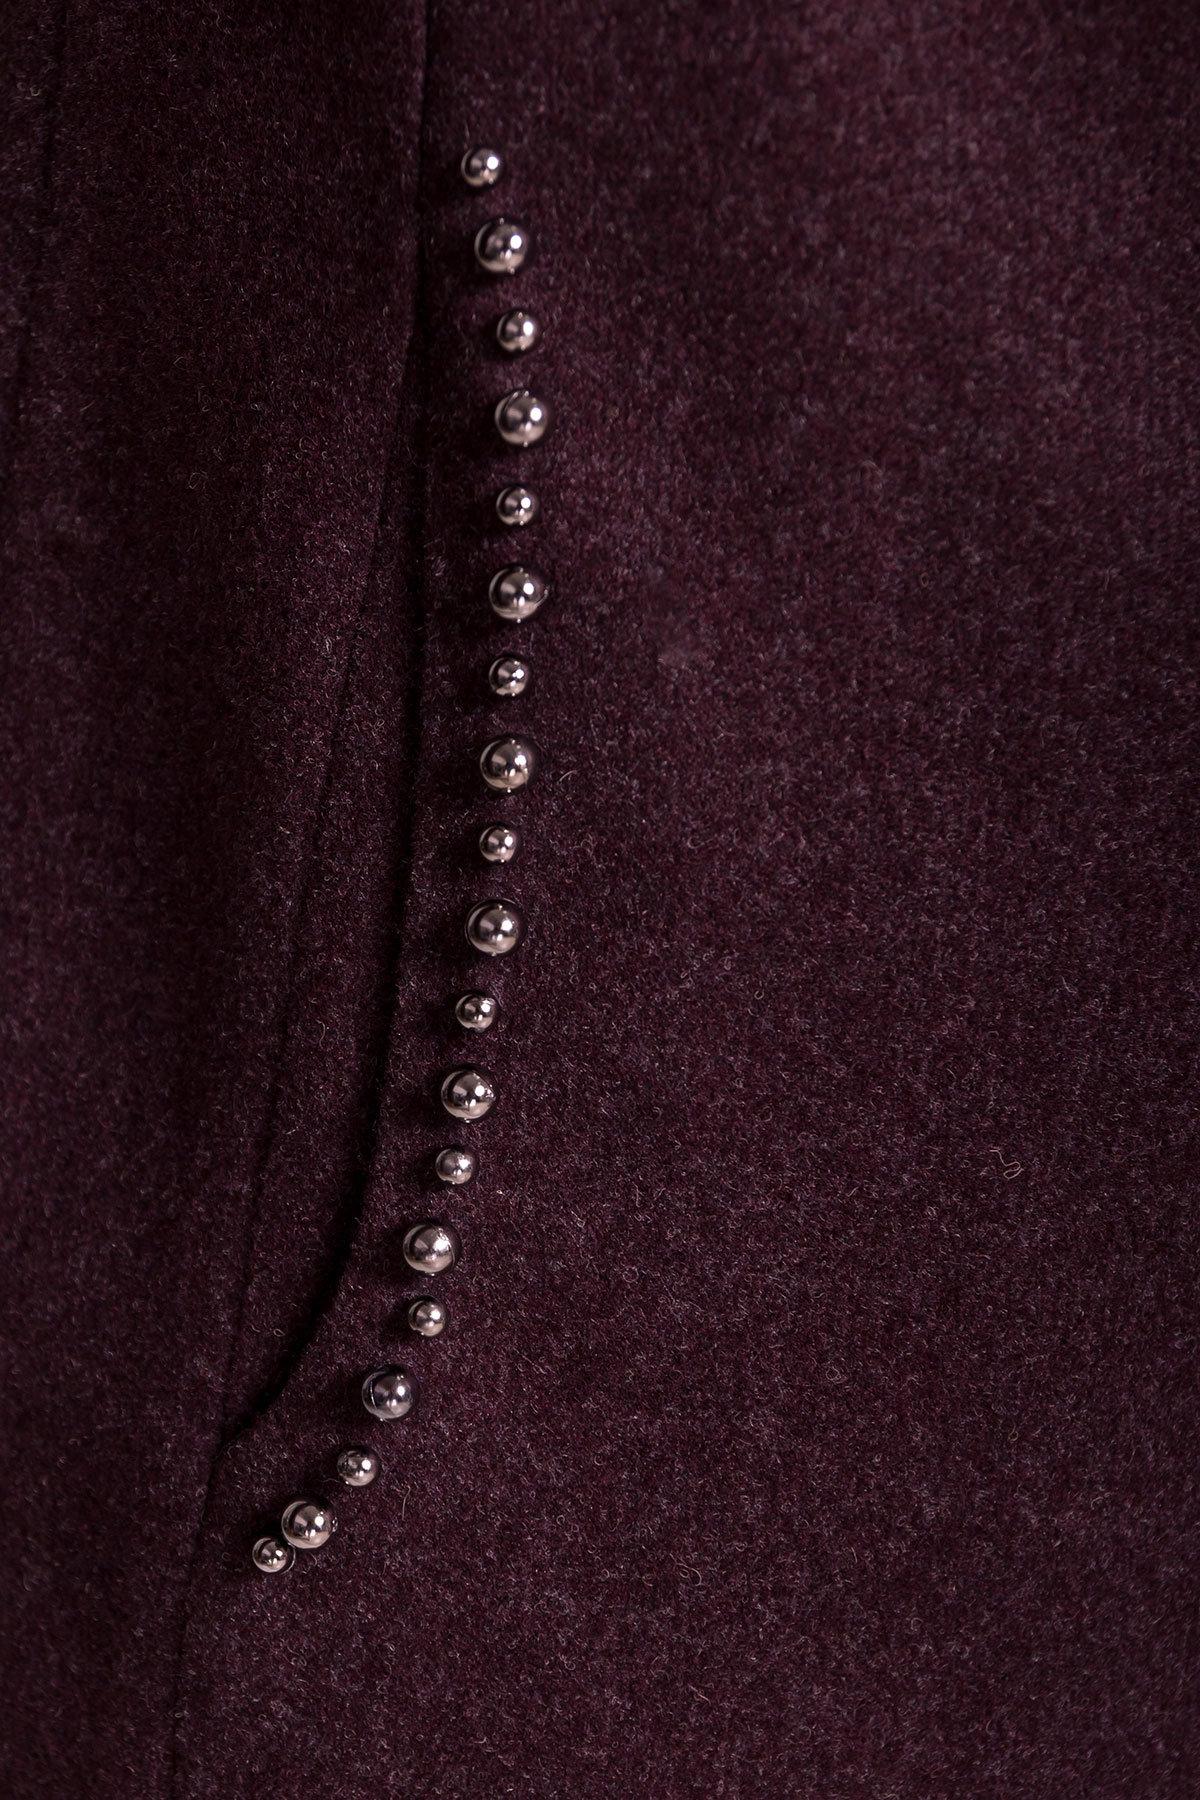 Весенние пальто Пелагея 5512 АРТ. 37056 Цвет: Марсала - фото 5, интернет магазин tm-modus.ru